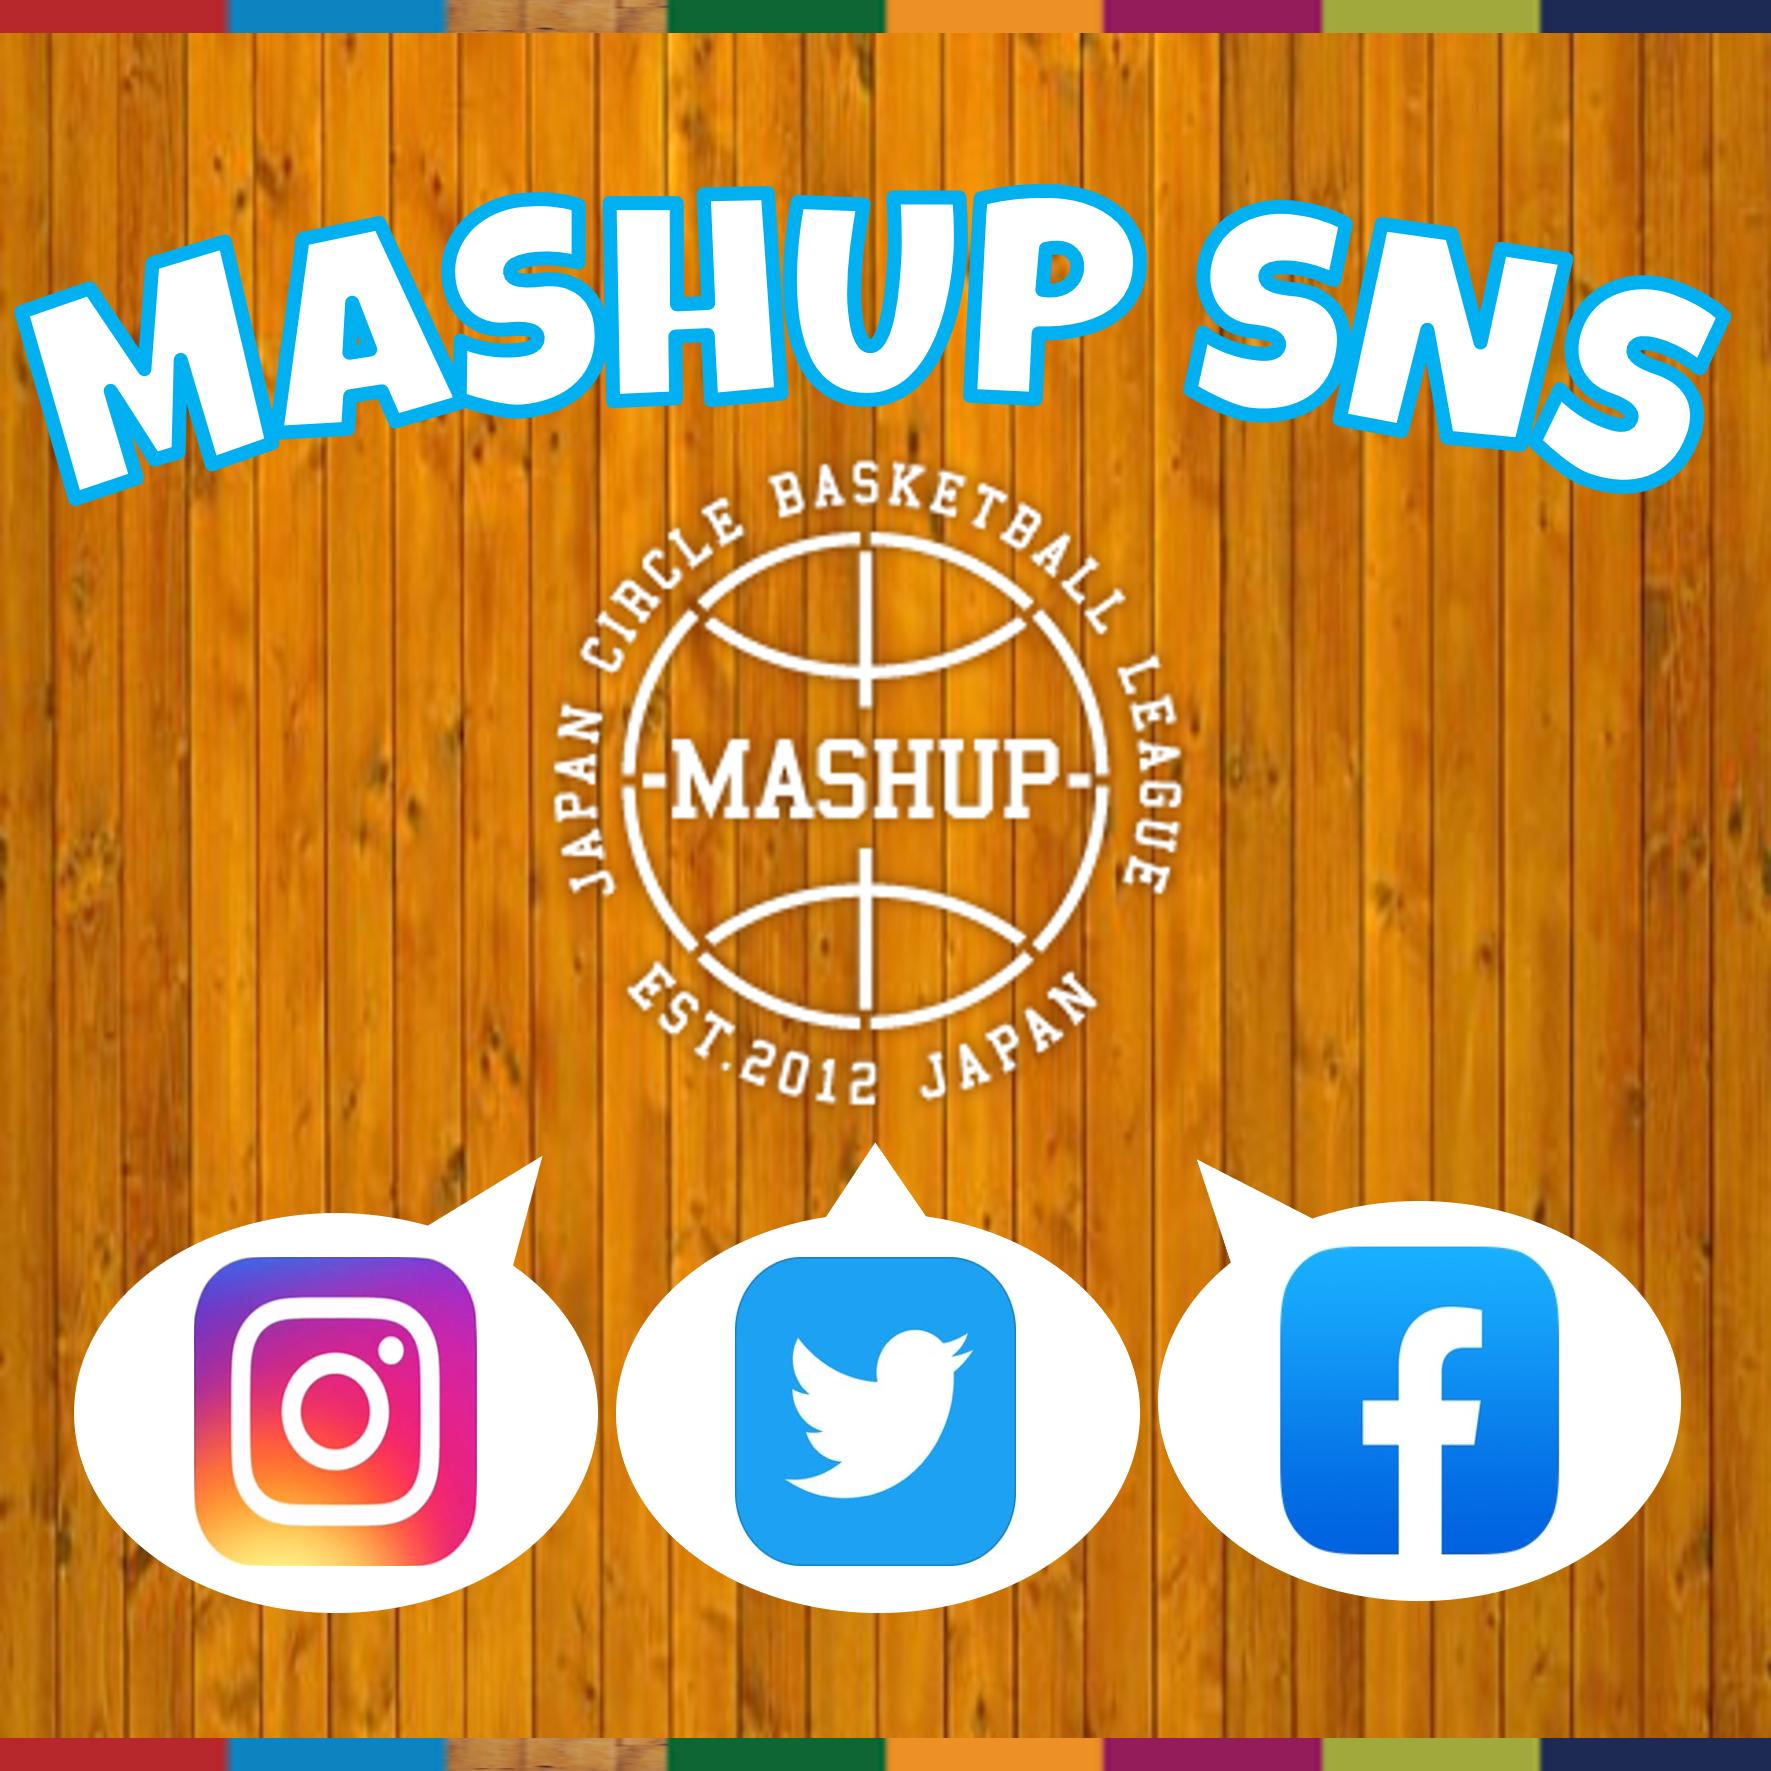 MASHUP SNS